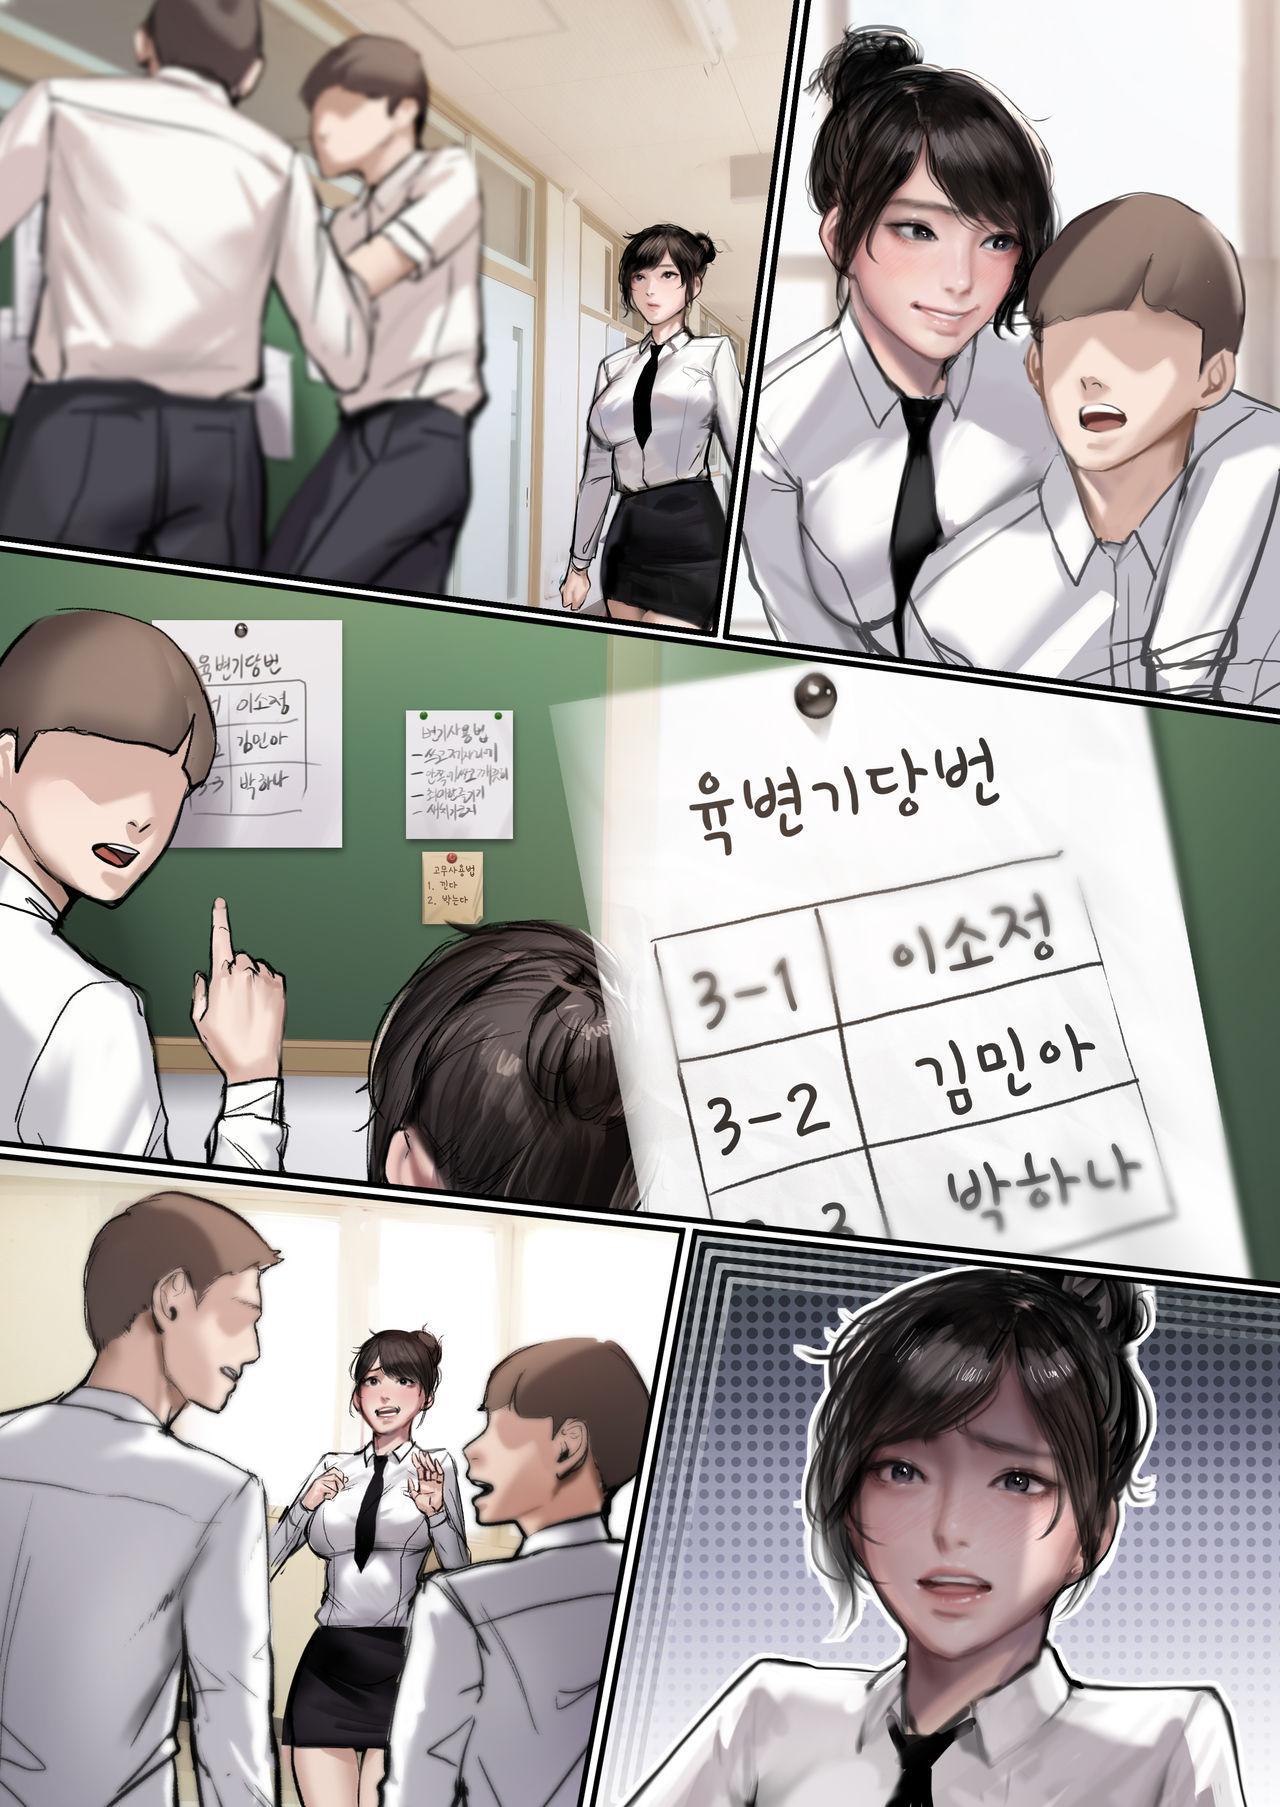 JK육변기 육성일지   JK-CumDump Development Diary 6